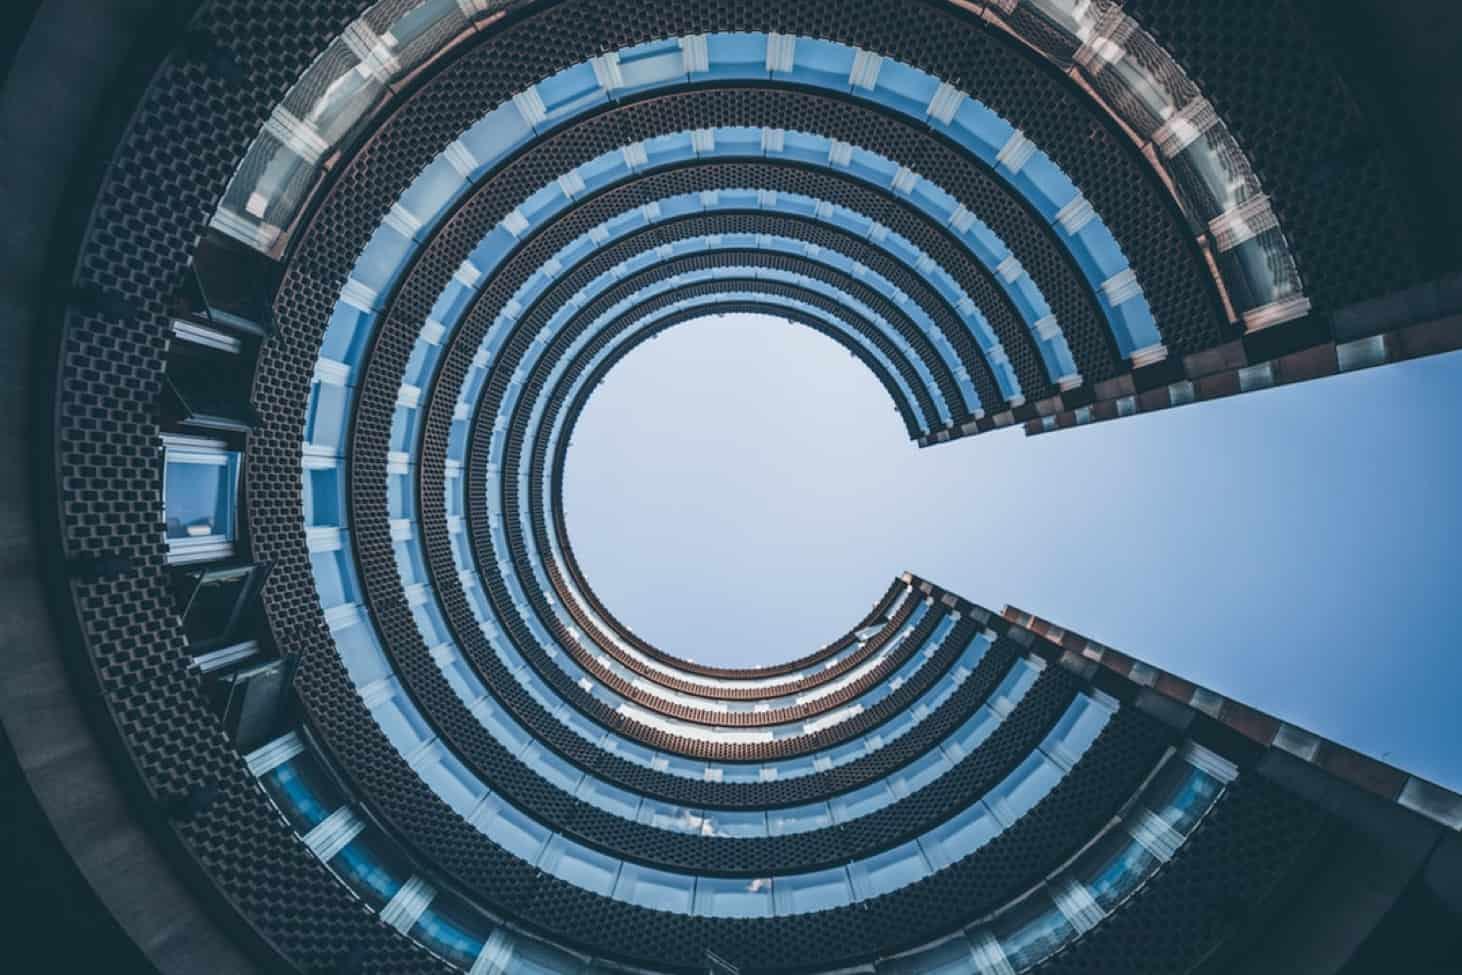 Circular Building and Sky